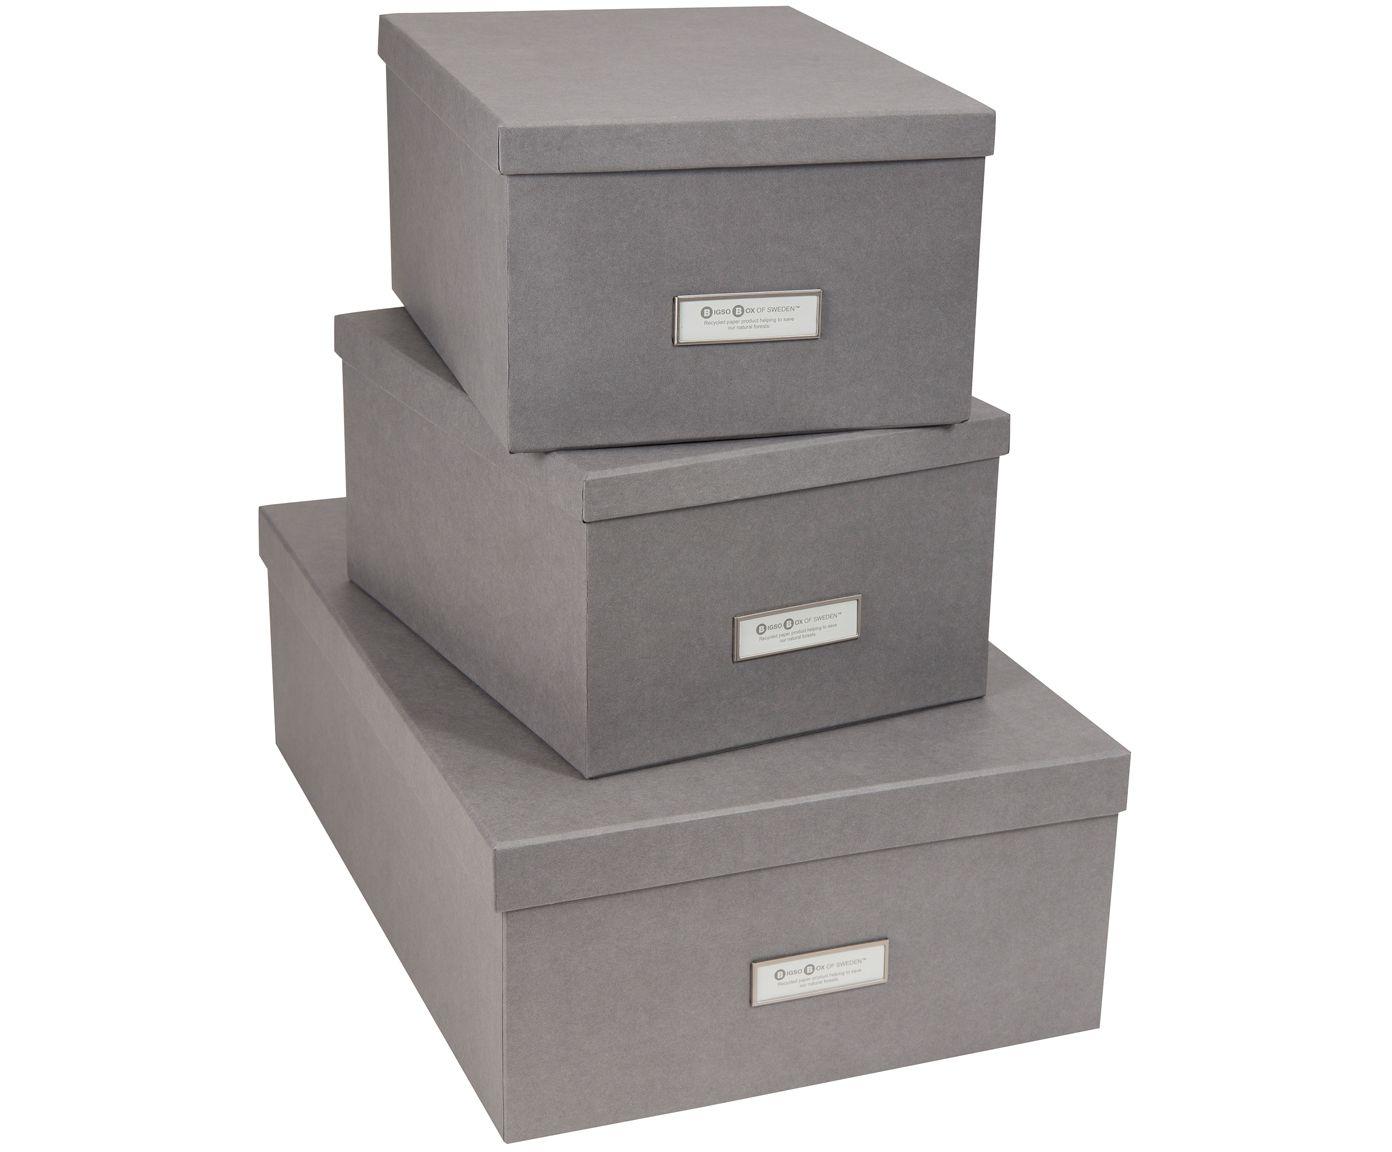 Aufbewahrungsboxen Set Inge 3 Tlg Mit Bildern